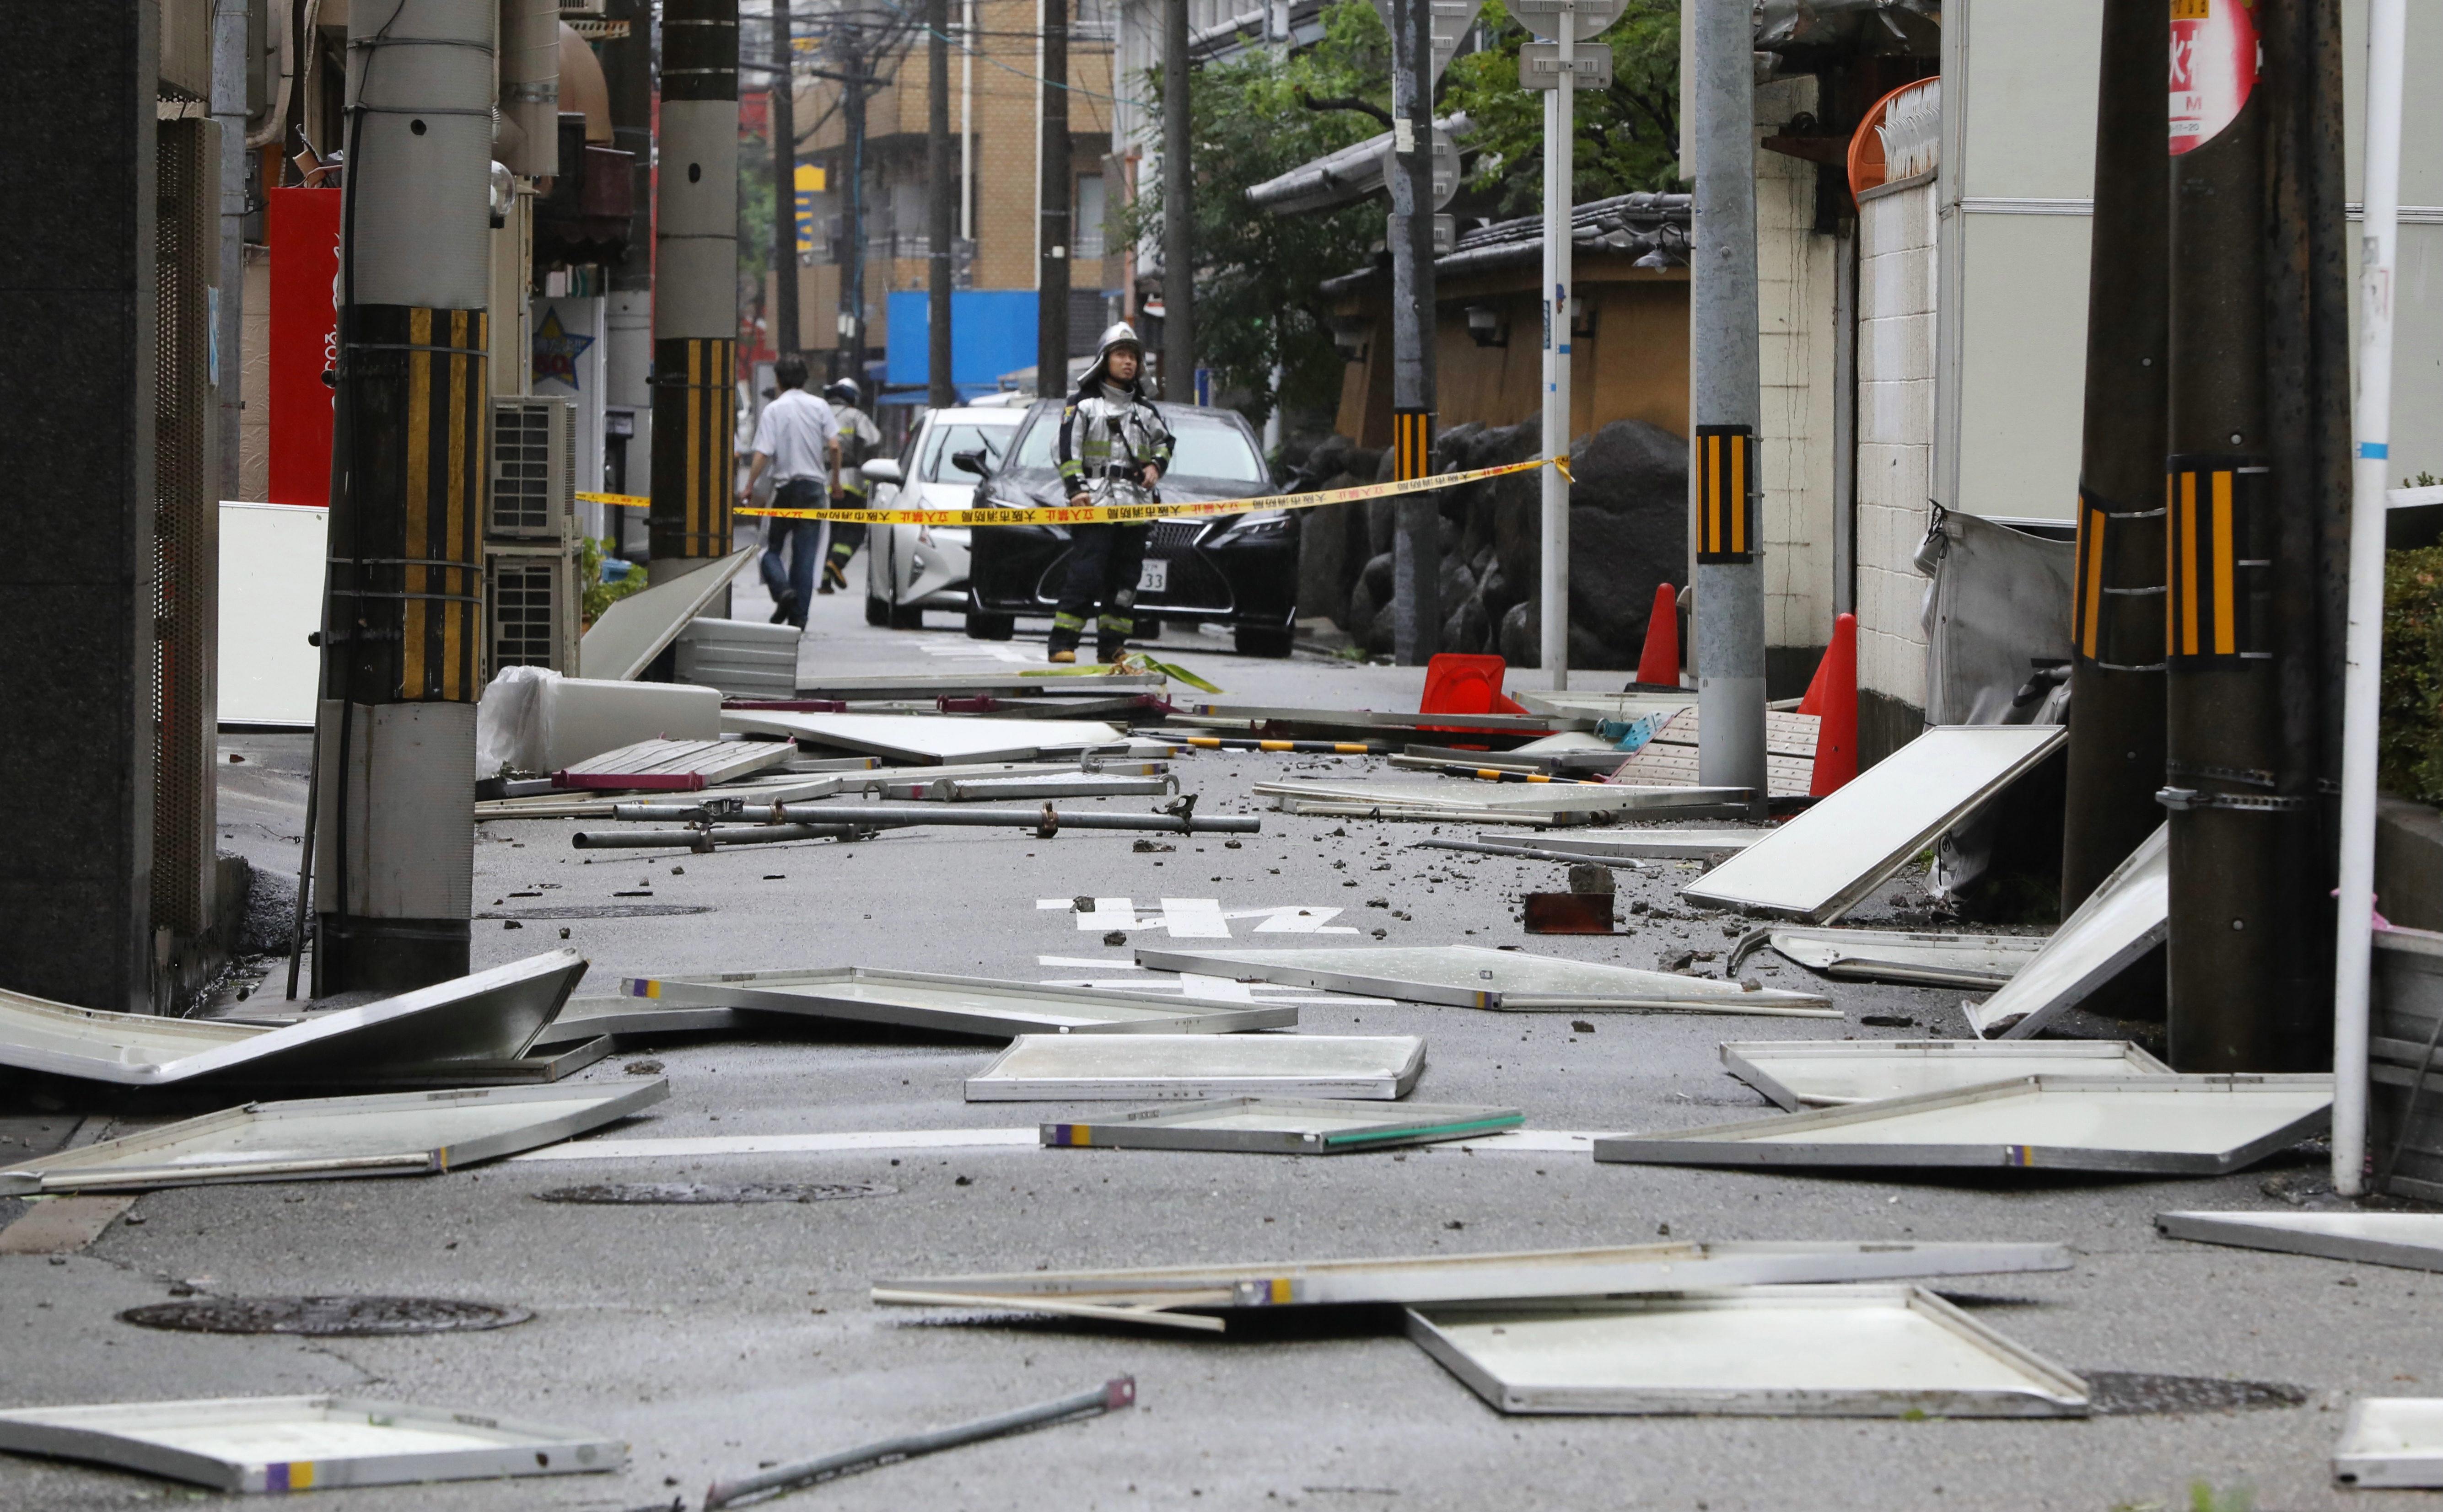 """Над 1 милион души в западните японски градове Кобе и Осака трябва да напуснат своите домове и да се настанят в евакуационните центрове заради наближаващия тайфун """"Джеби"""". Силният вятър и проливните дъждове, предизвикани от тропическата буря, принудиха авиокомпаниите да отменят повече от 700 вътрешни полета в Япония, най-вече по маршрутите между градовете Кобе, Нагоя, Осака. Тайфунът се очаква да премине над централната западна част на Японските острови с ветрове със скорост от 208 км/ч и пориви с над 216 км/ч. През следващите 24 часа над района, засегнат от бурята, ще паднат повече от 500 литра дъжд на квадратен метър."""